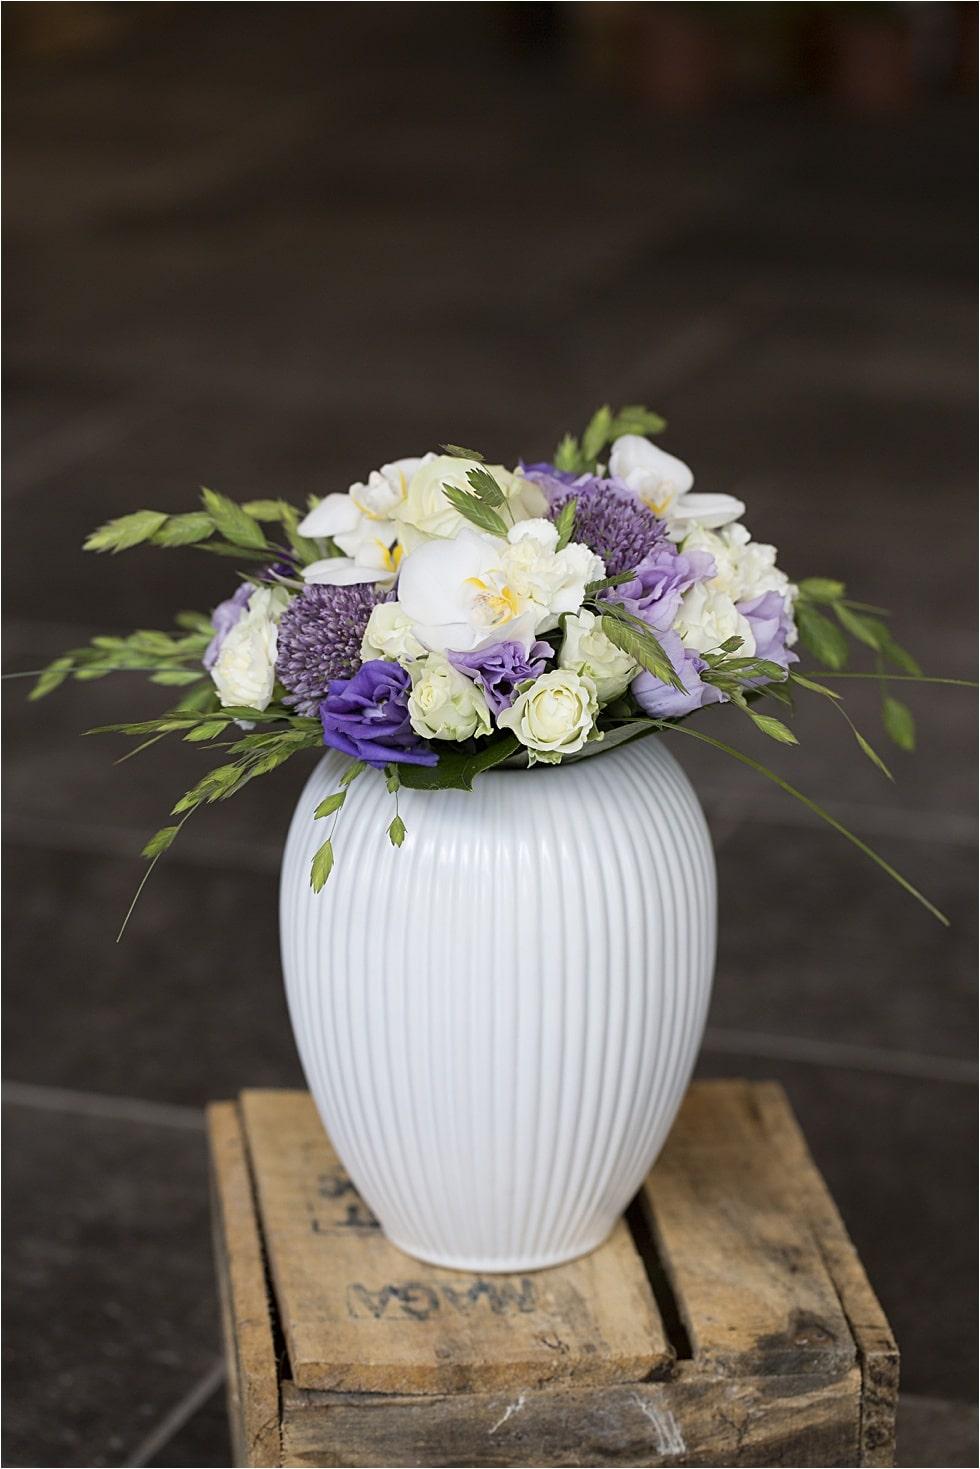 brudebuket interflora leverandør vejle fotograf Tine hvolby64